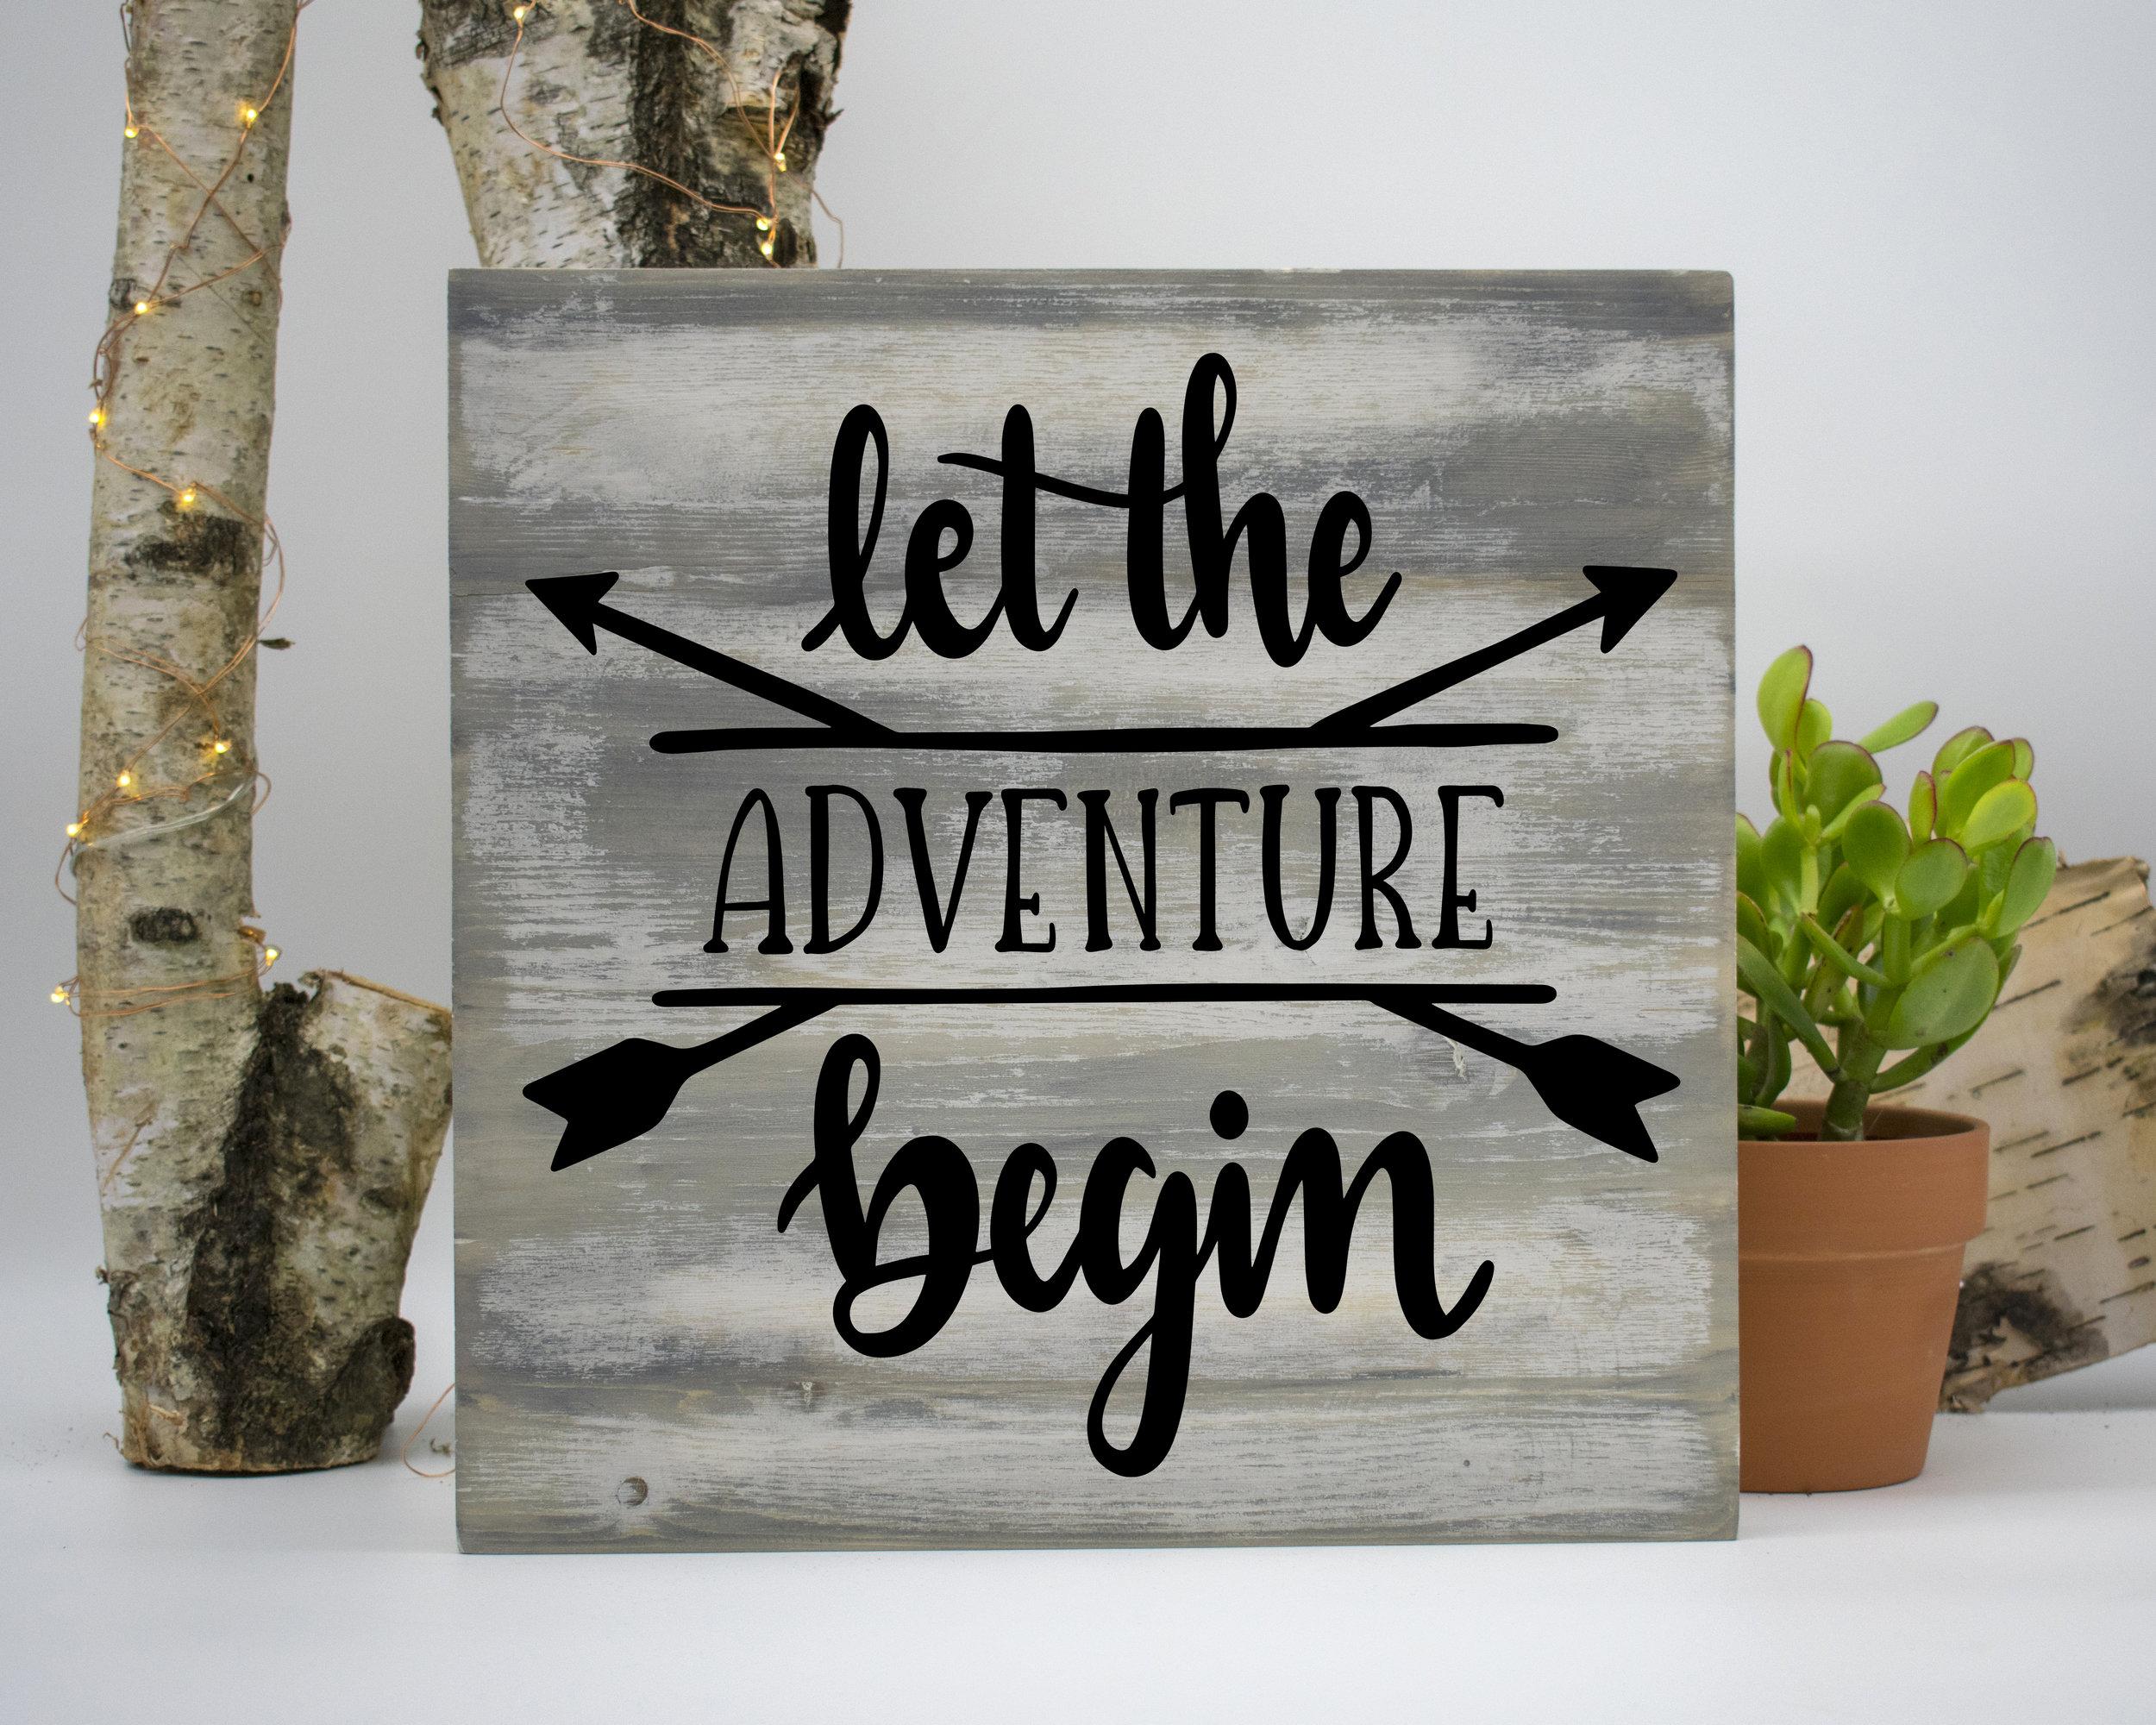 adventurebegin12.jpg